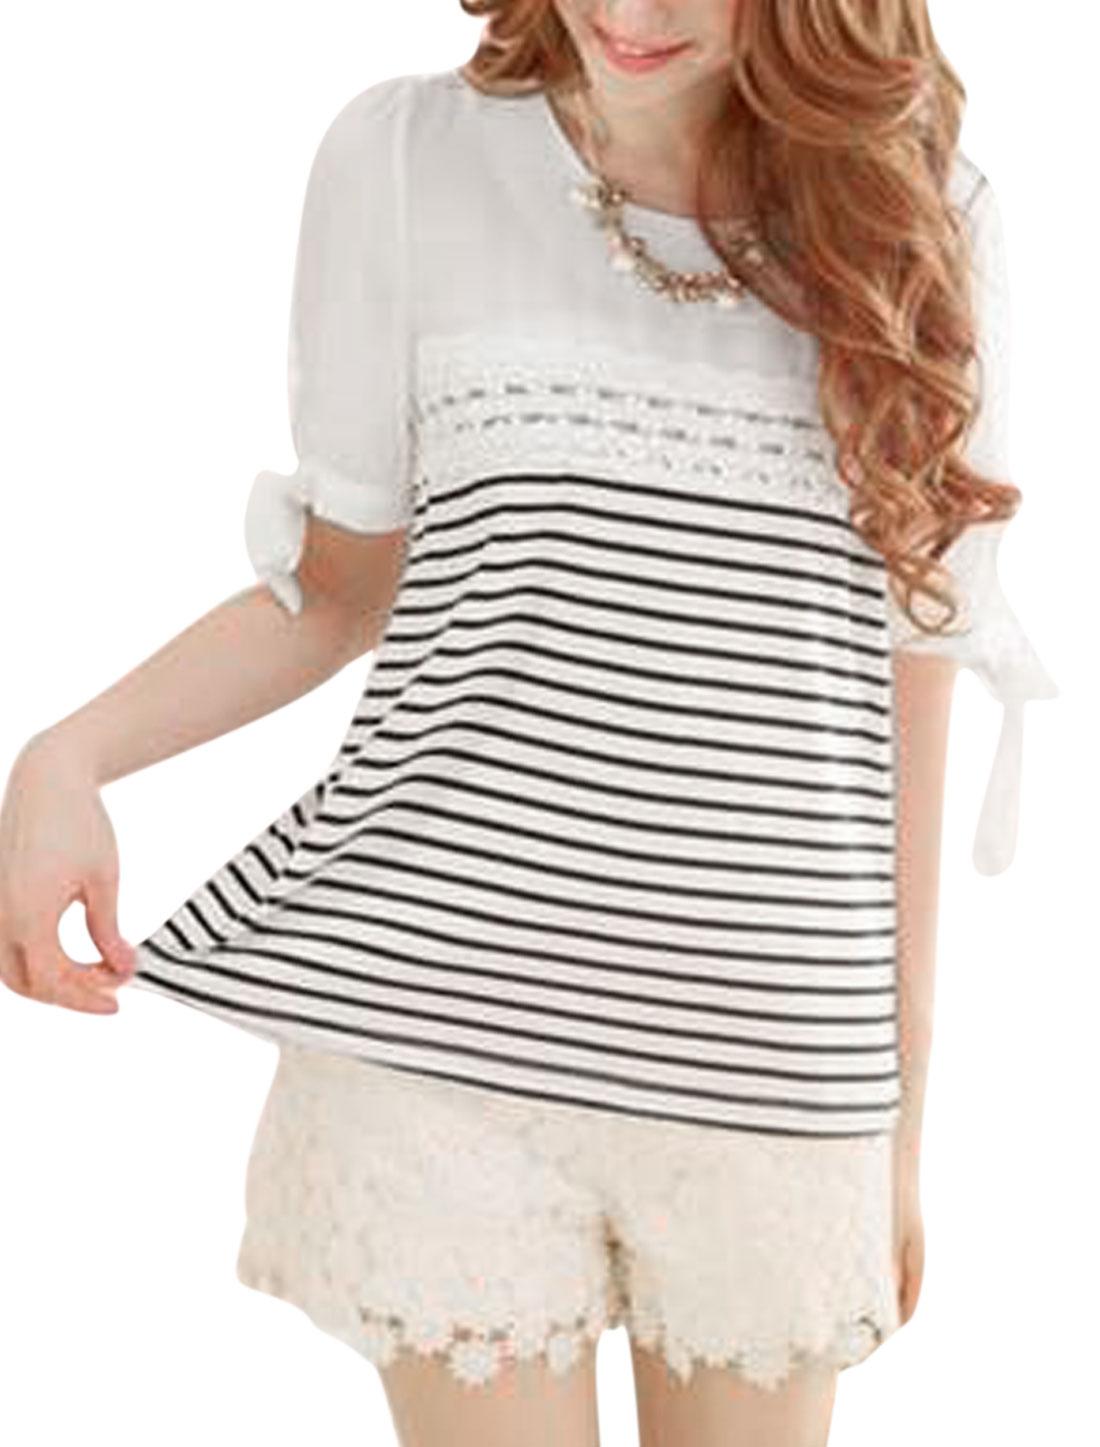 Women Self Tie Bowknot Chiffon Splicing Stripes Chic Blouse Black White S